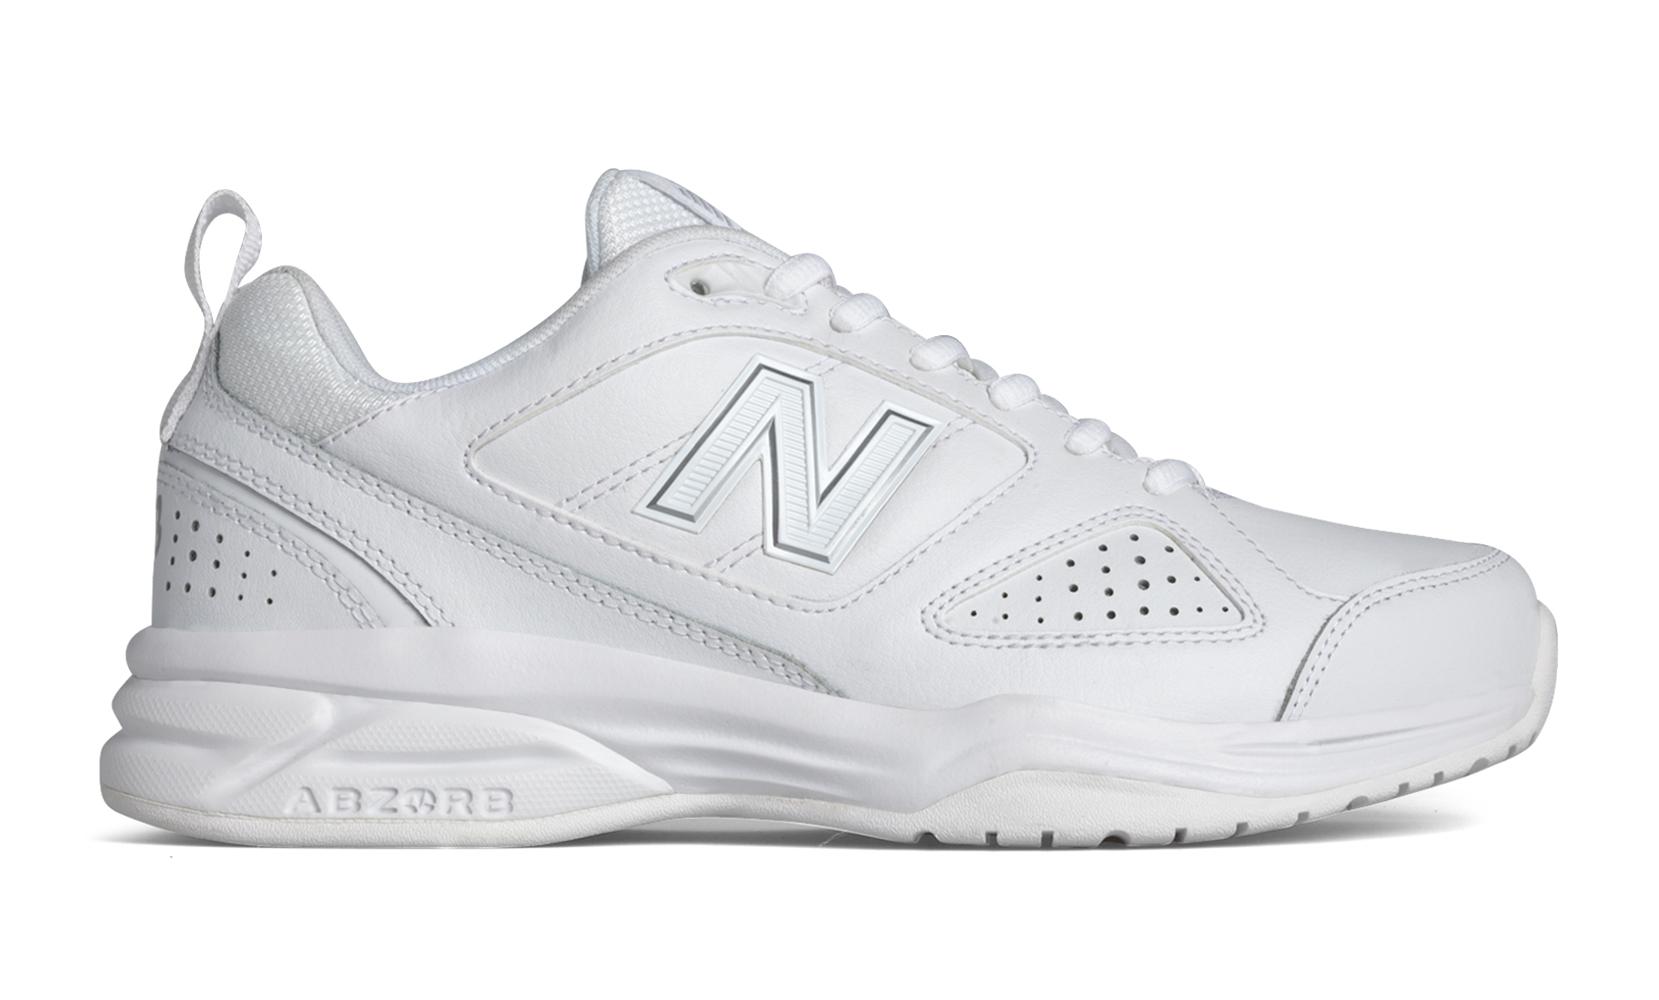 Жіноче взуття повсякденне New Balance 624v4 WX624WS4 | New Balance